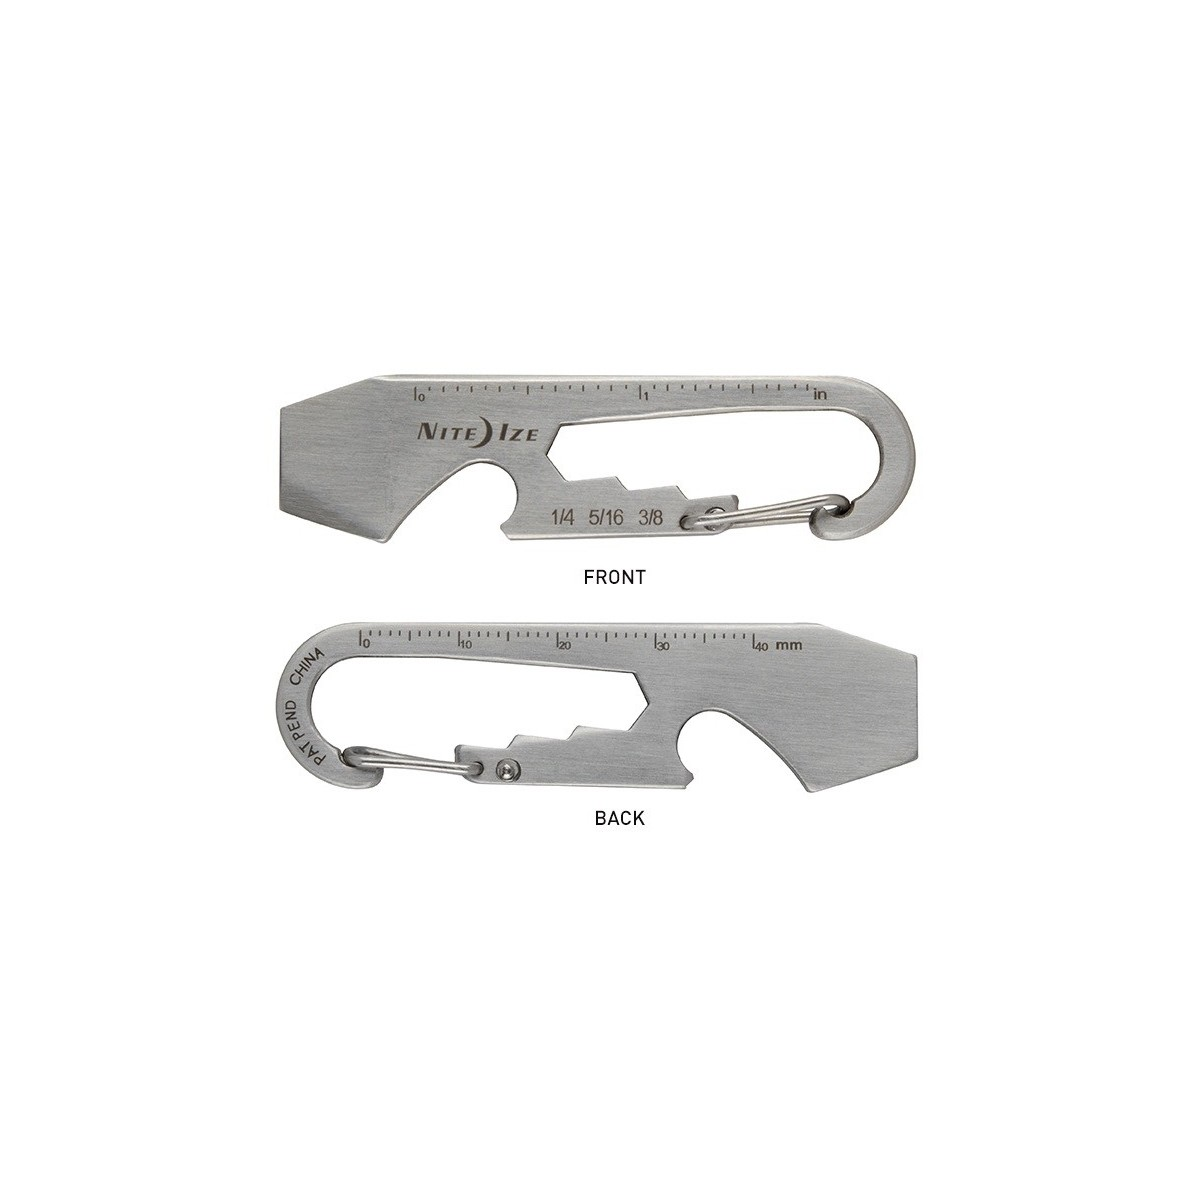 พวงกุญแจ Nite Ize DoohicKey Keychain Multi-Tool (KMT-11-R3)